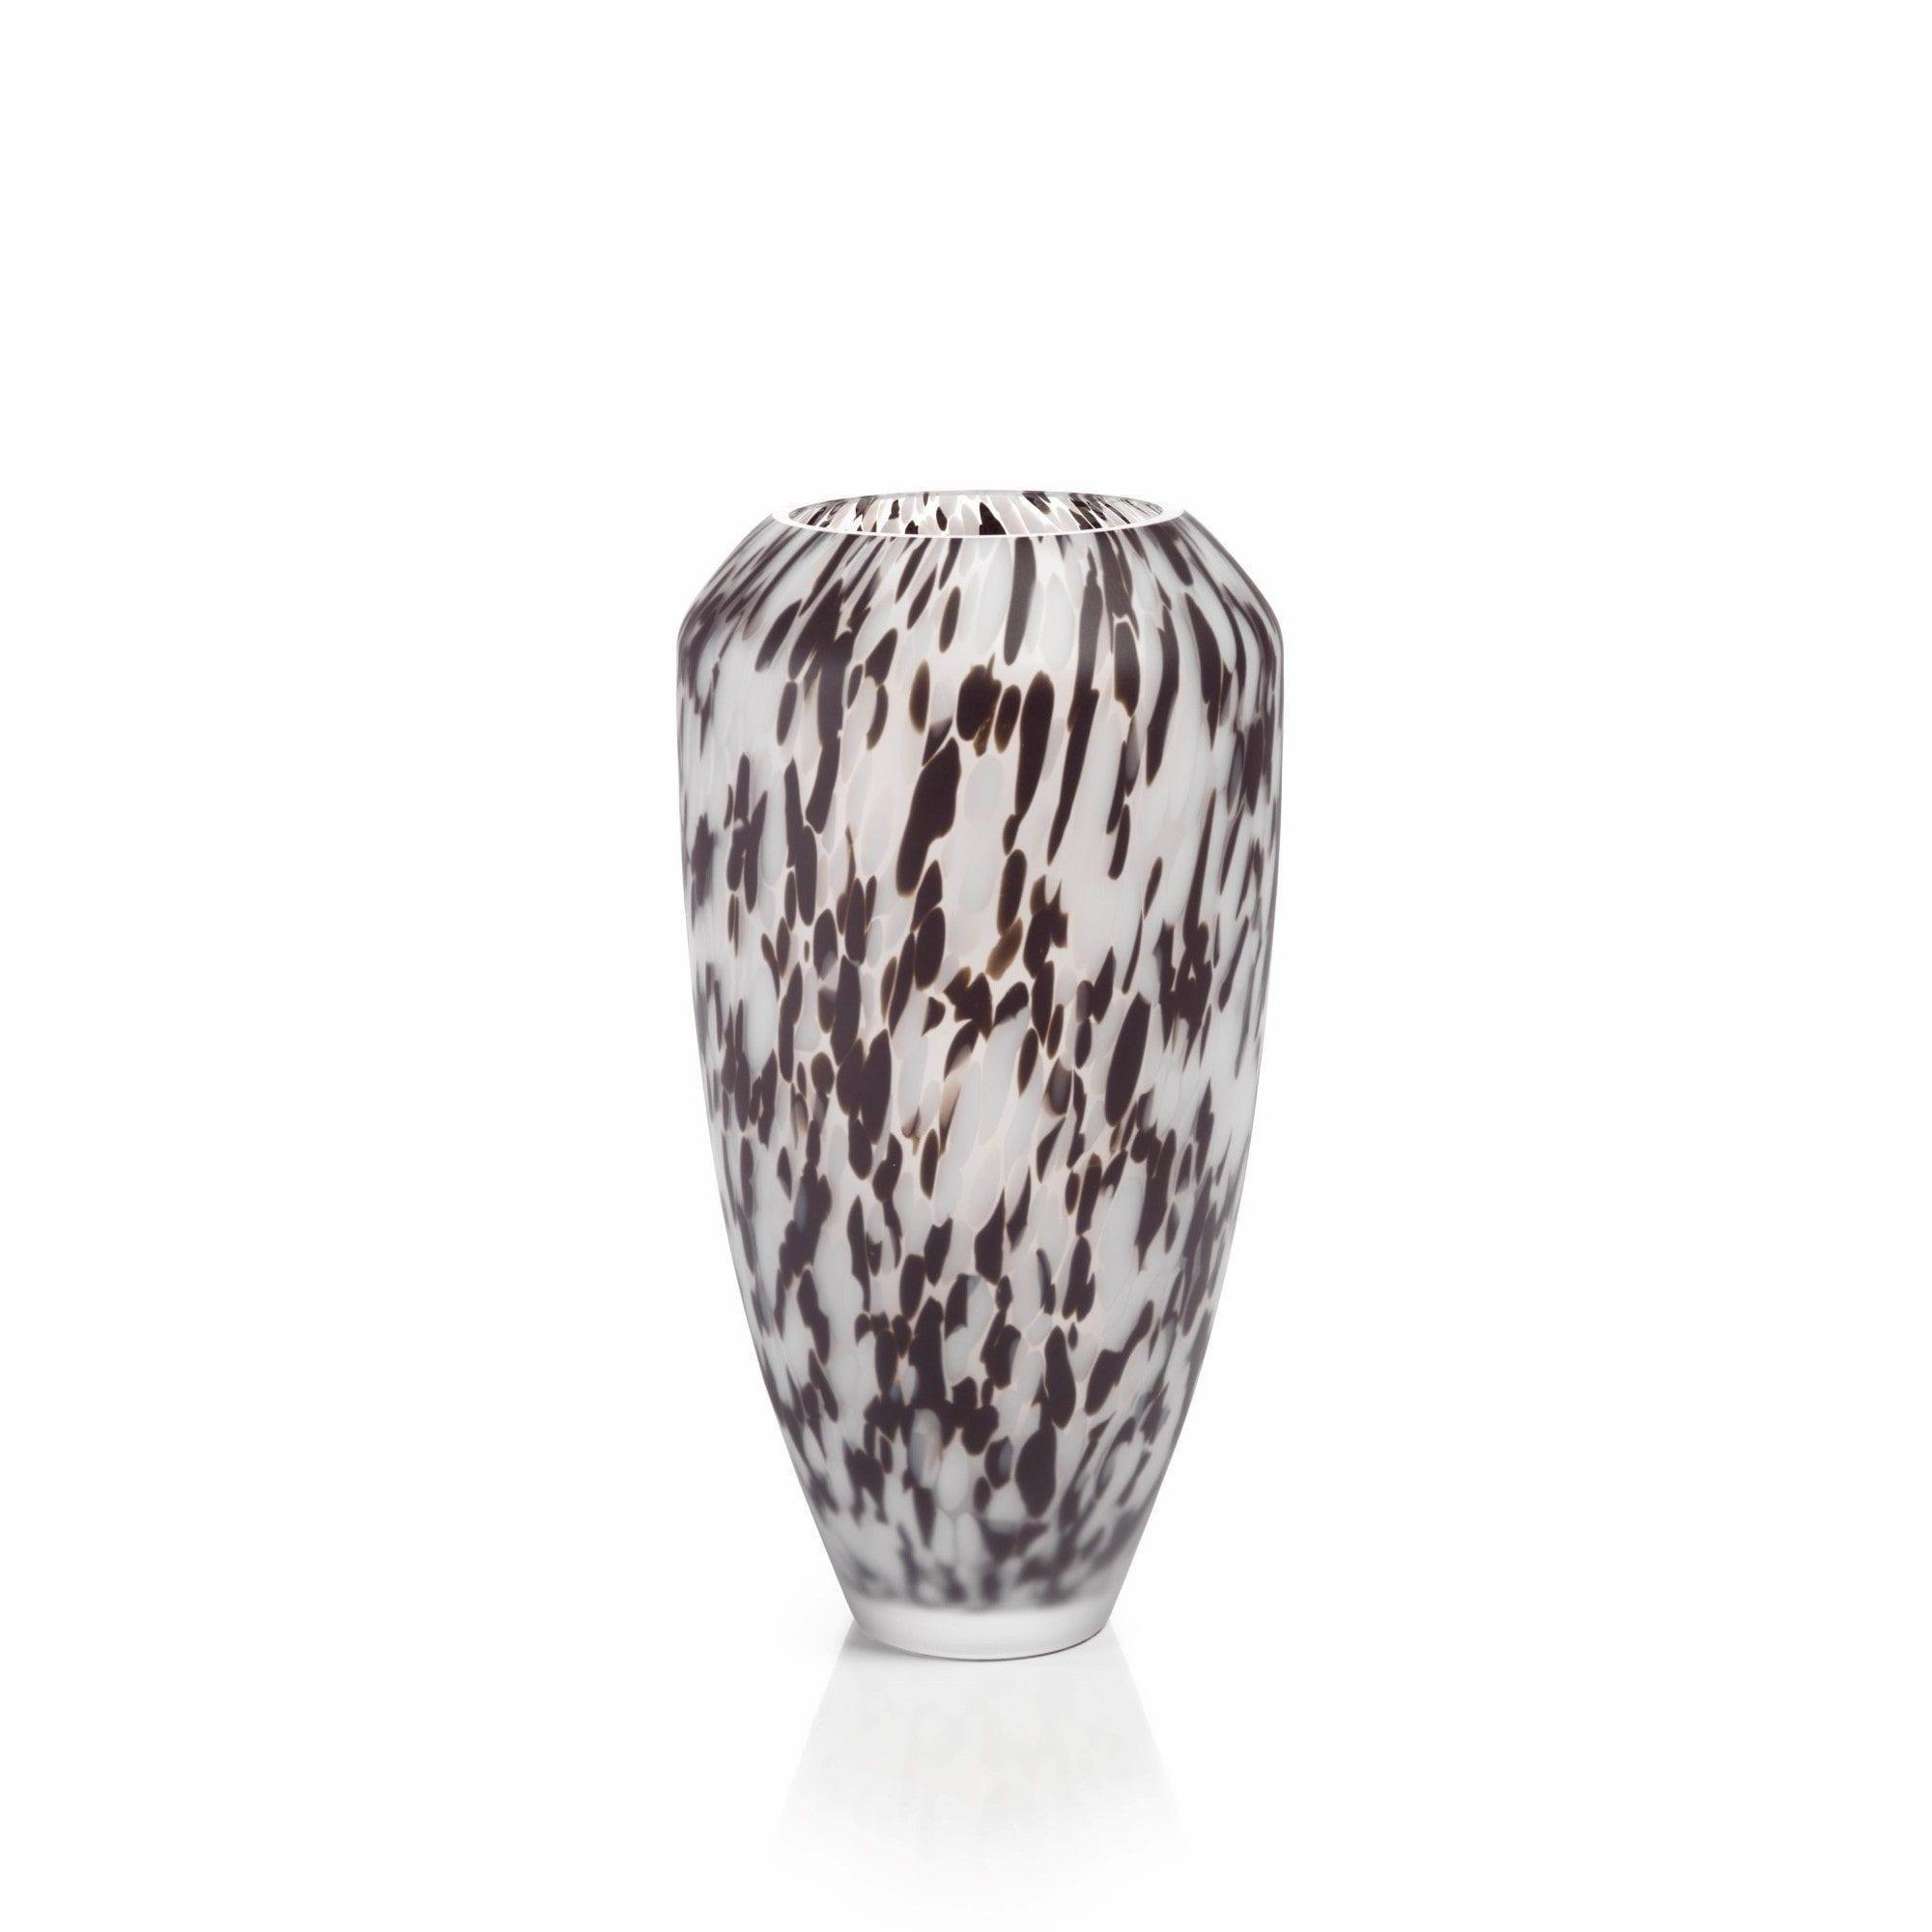 17 Trendy 10 Inch Glass Cylinder Vase Bulk 2021 free download 10 inch glass cylinder vase bulk of tall clear vases lovely zodax confetti 15 tall glass vase 15 inch pertaining to tall clear vases lovely zodax confetti 15 tall glass vase 15 inch tall con